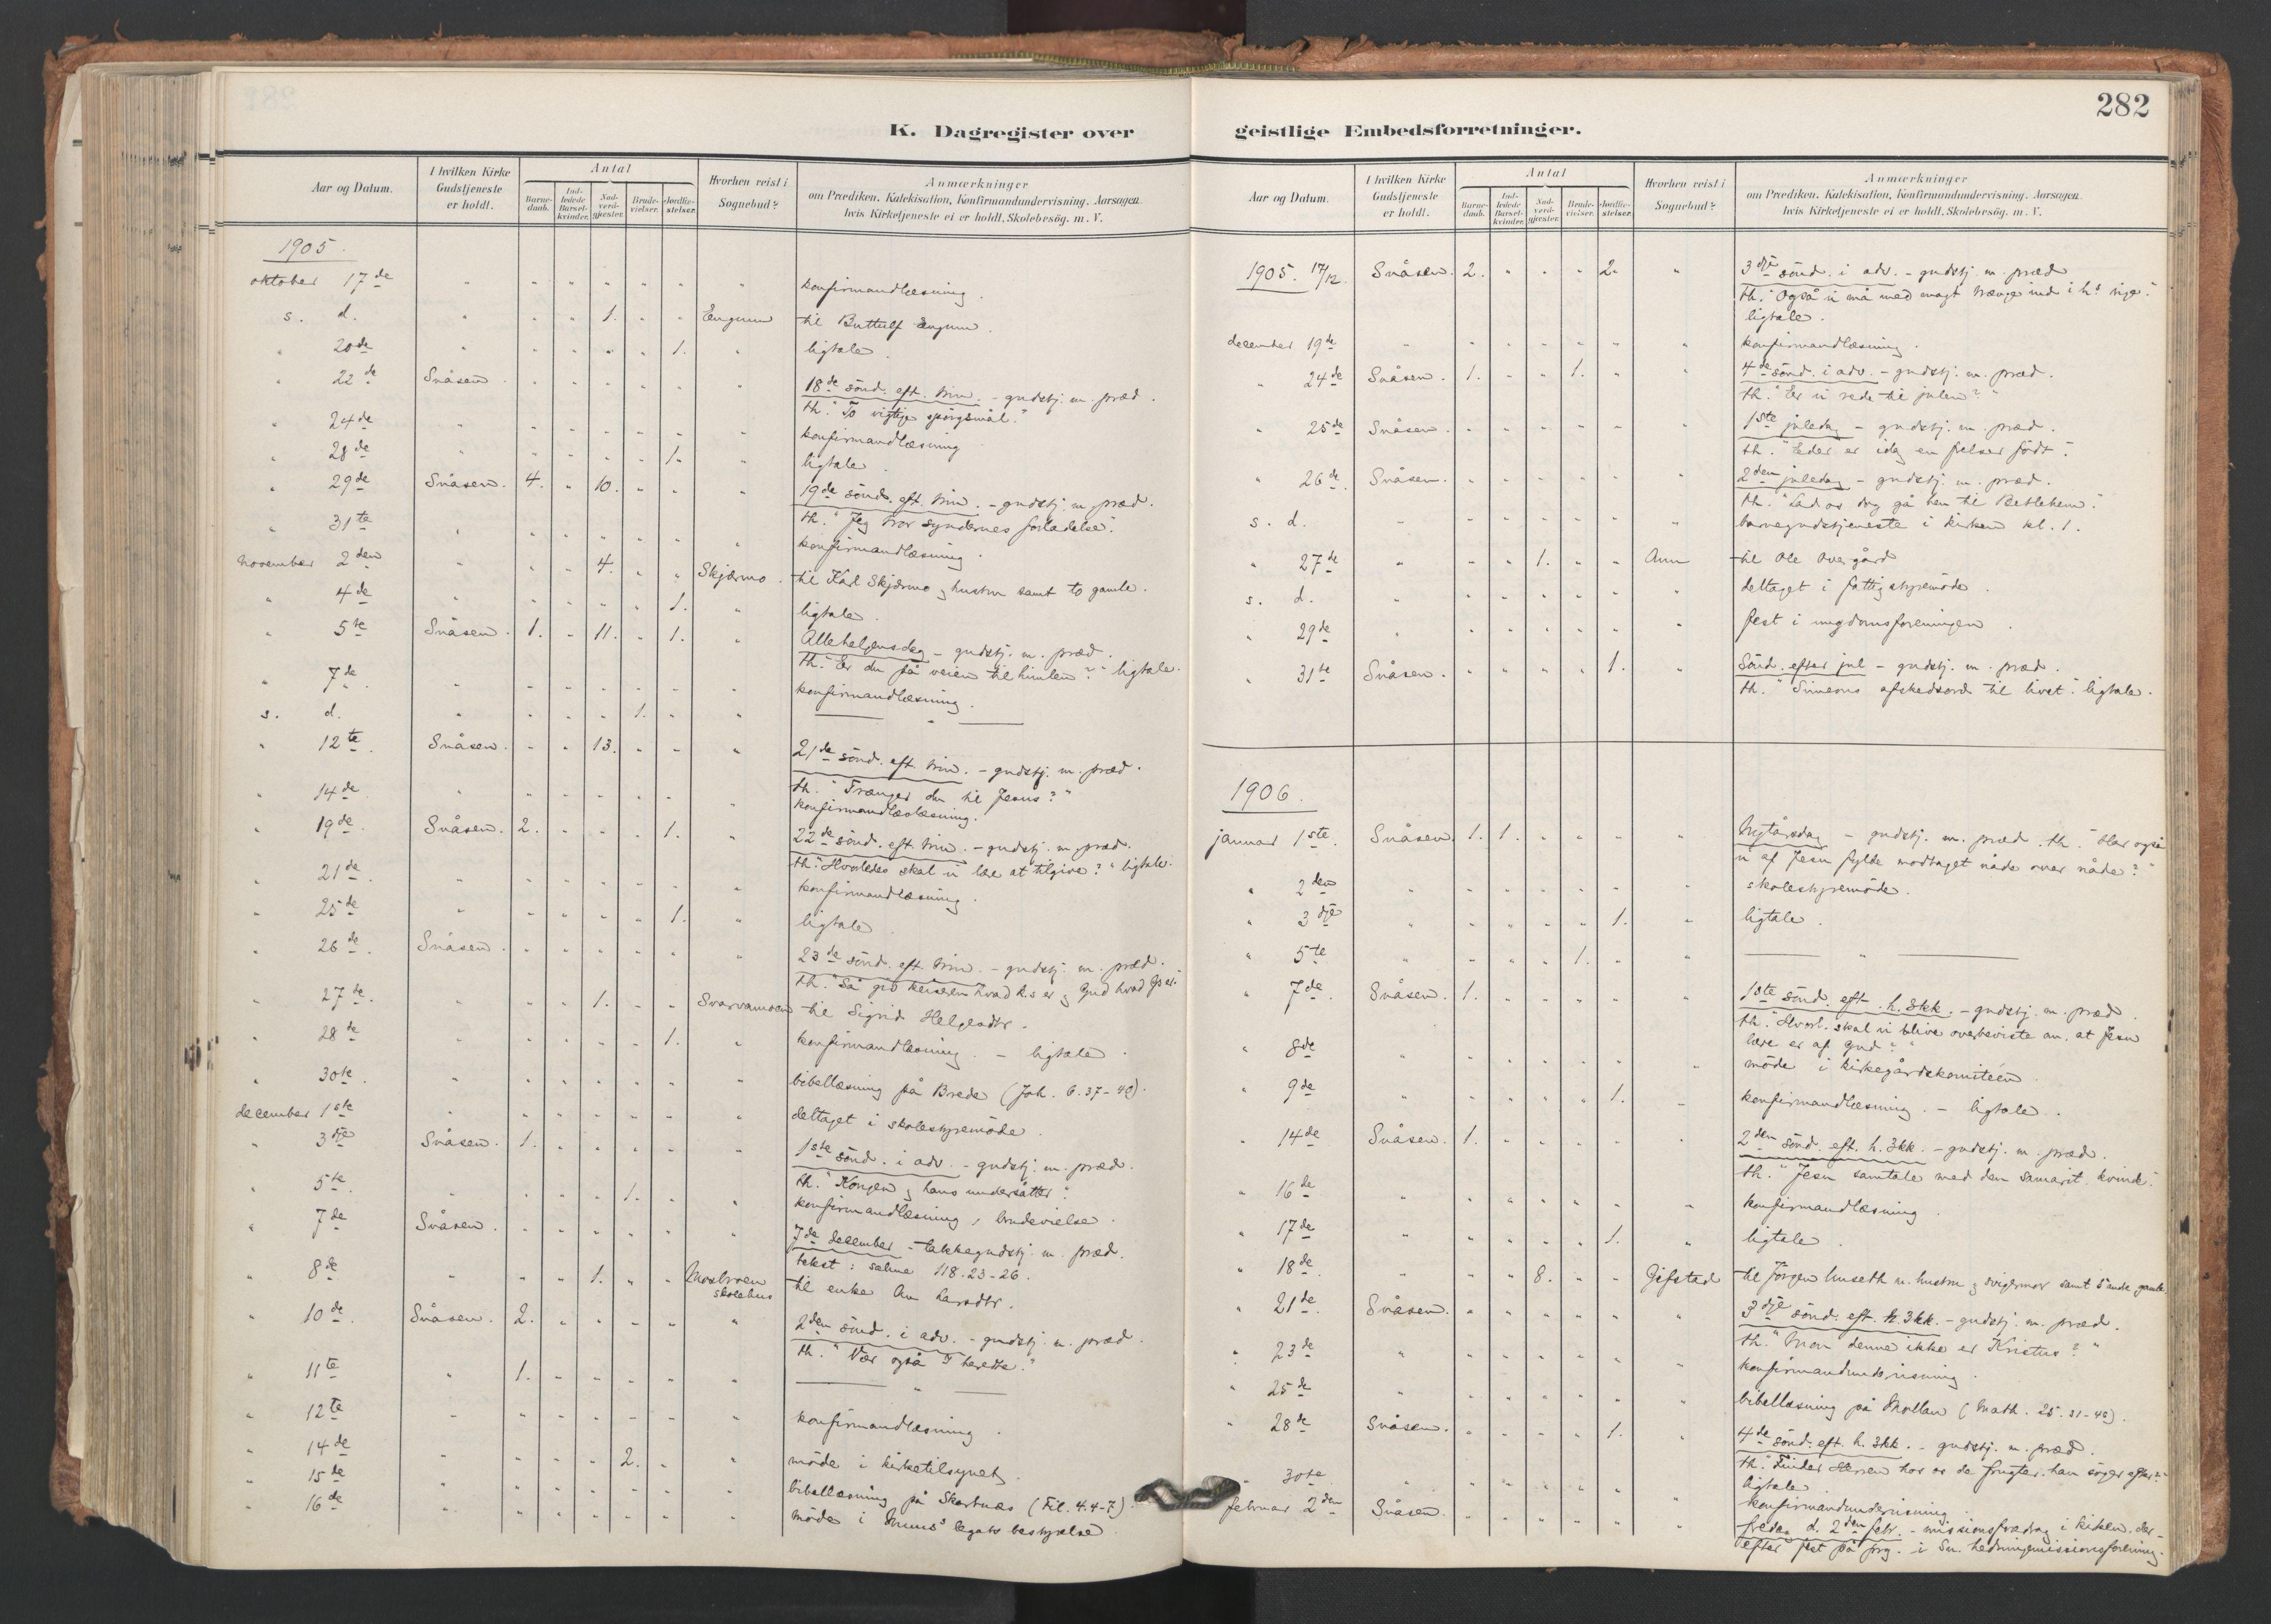 SAT, Ministerialprotokoller, klokkerbøker og fødselsregistre - Nord-Trøndelag, 749/L0477: Ministerialbok nr. 749A11, 1902-1927, s. 282